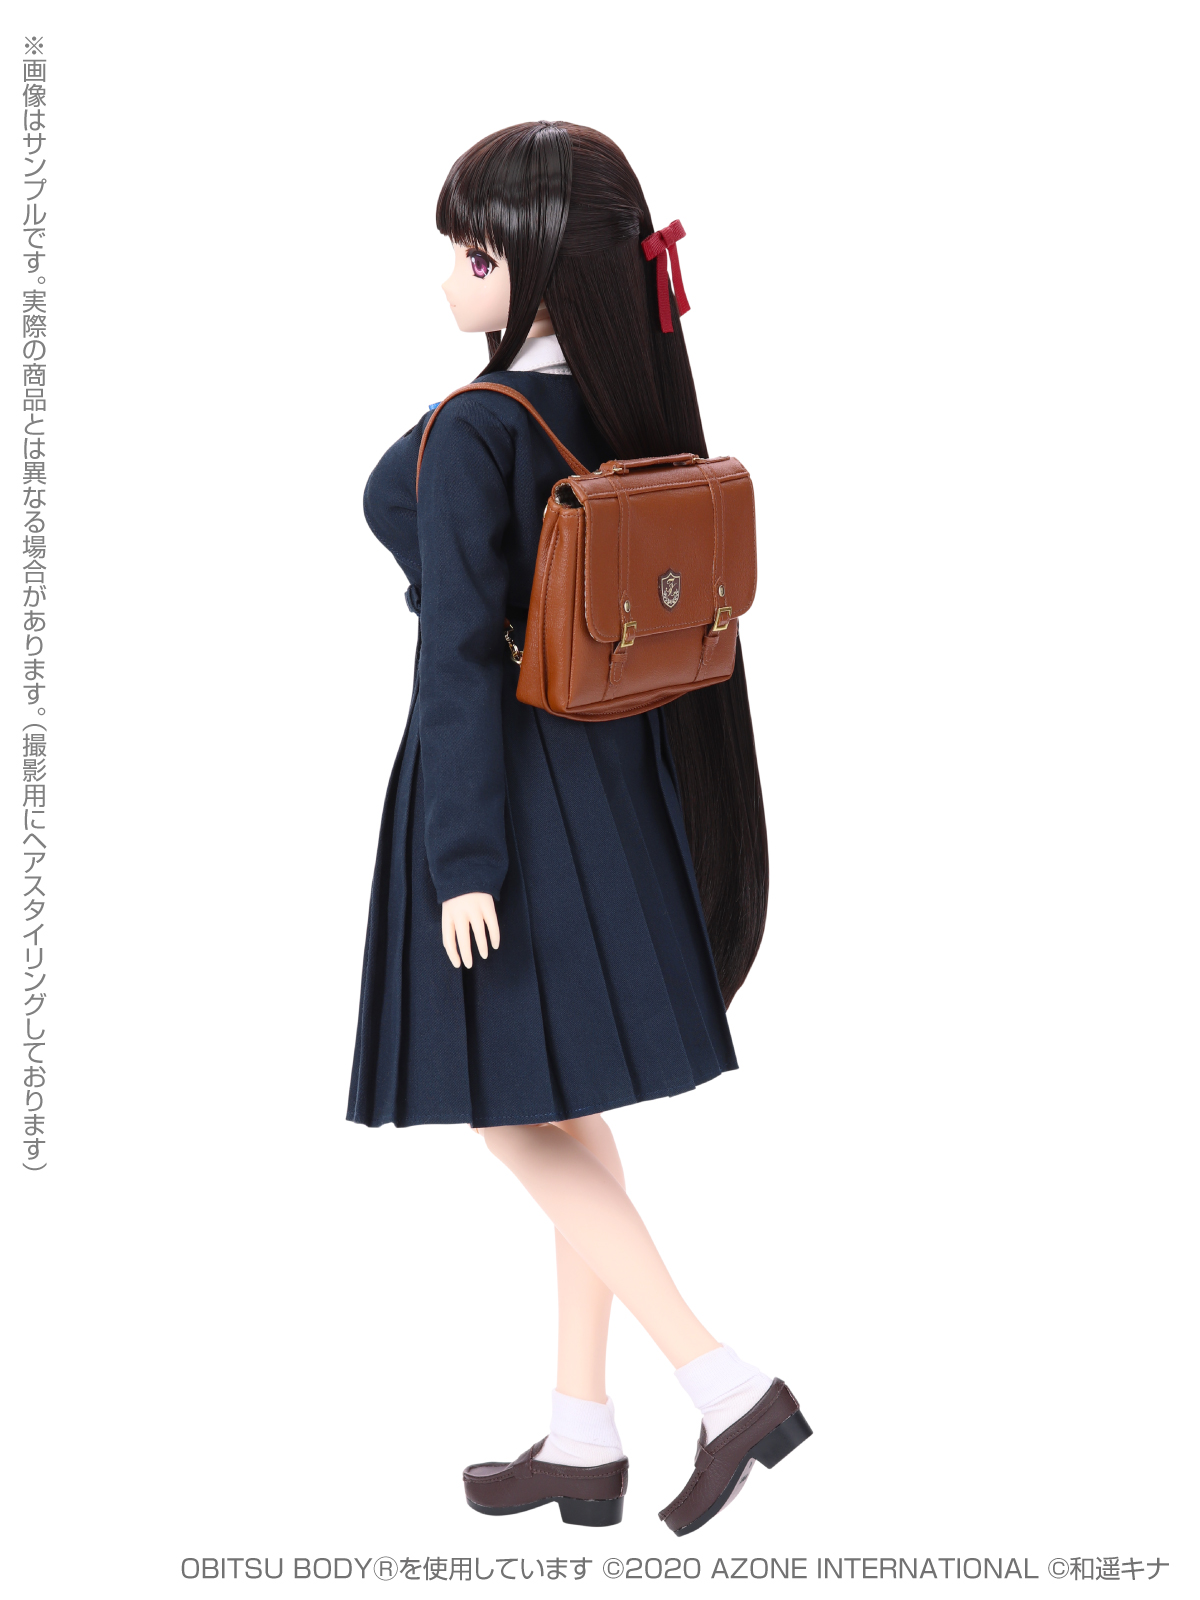 【限定販売】Happiness Clover『和遥キナ学校制服コレクション / ゆかりver.1.1』1/3 完成品ドール-010